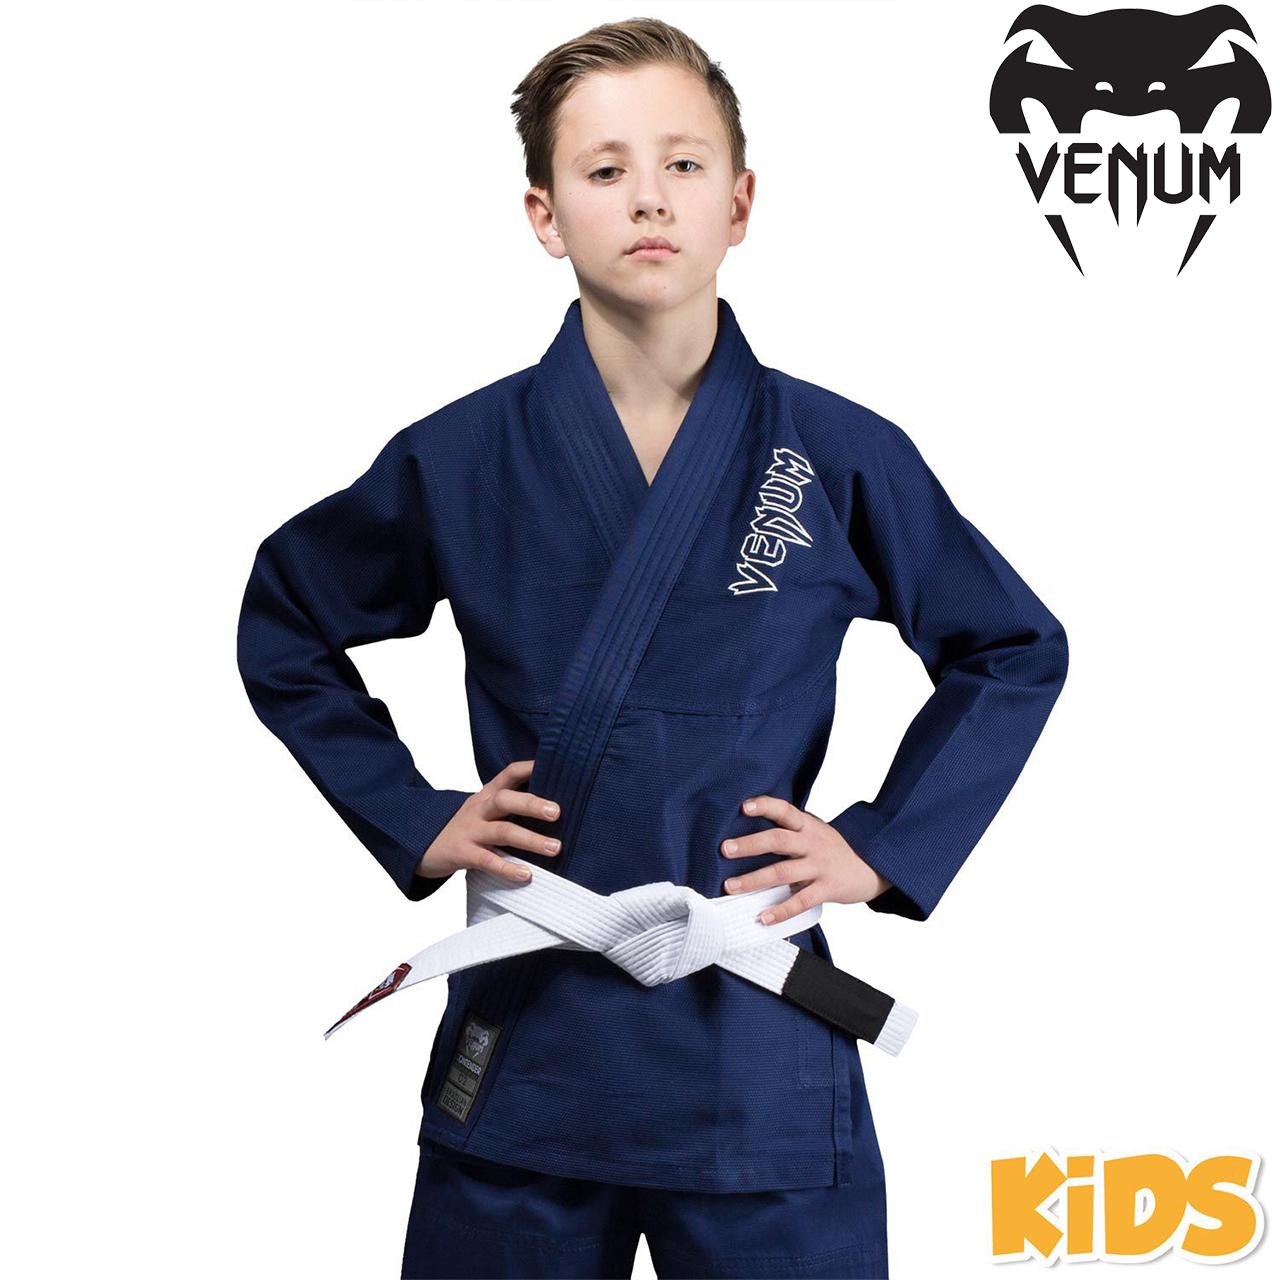 Детское кимоно для джиу-джитсу Venum Contender Kids BJJ Gi Navy Blue